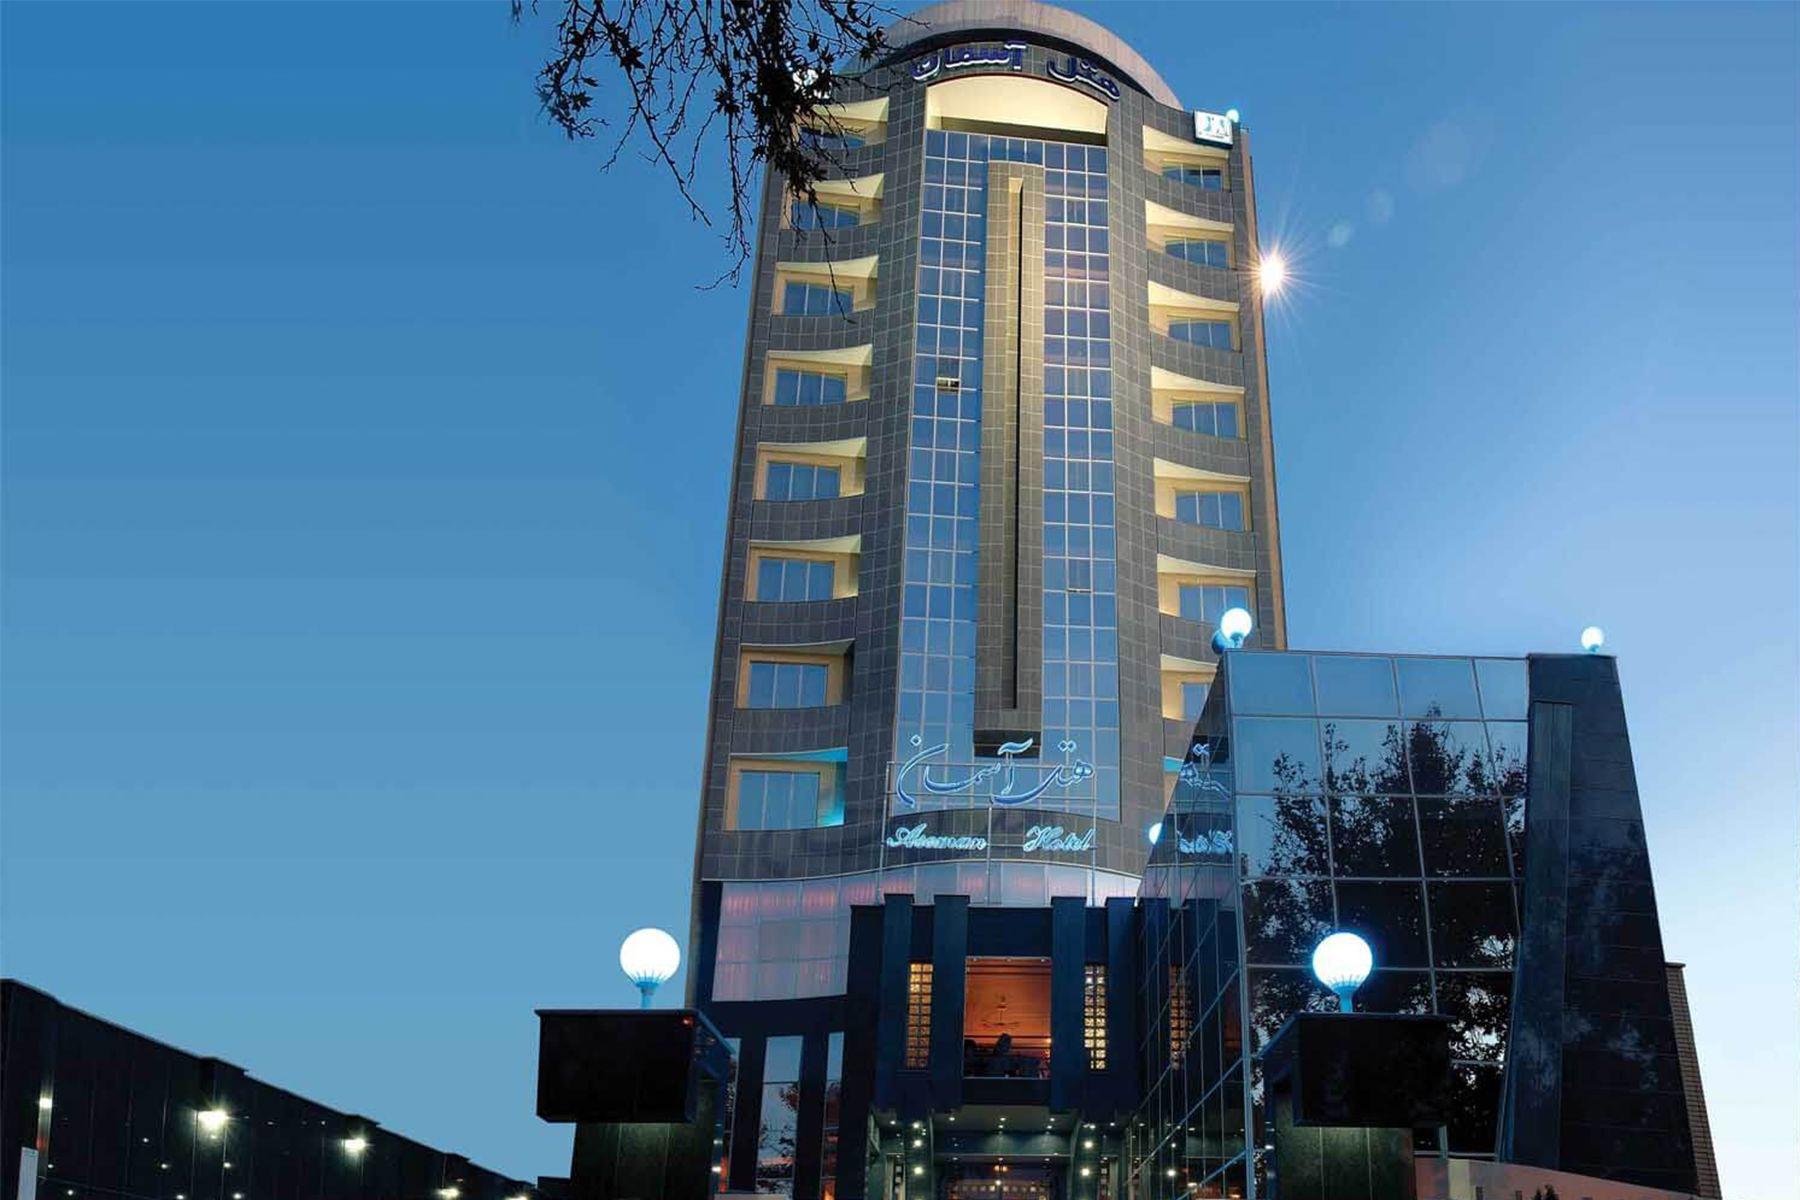 تور لوکس اصفهان هتل آسمان